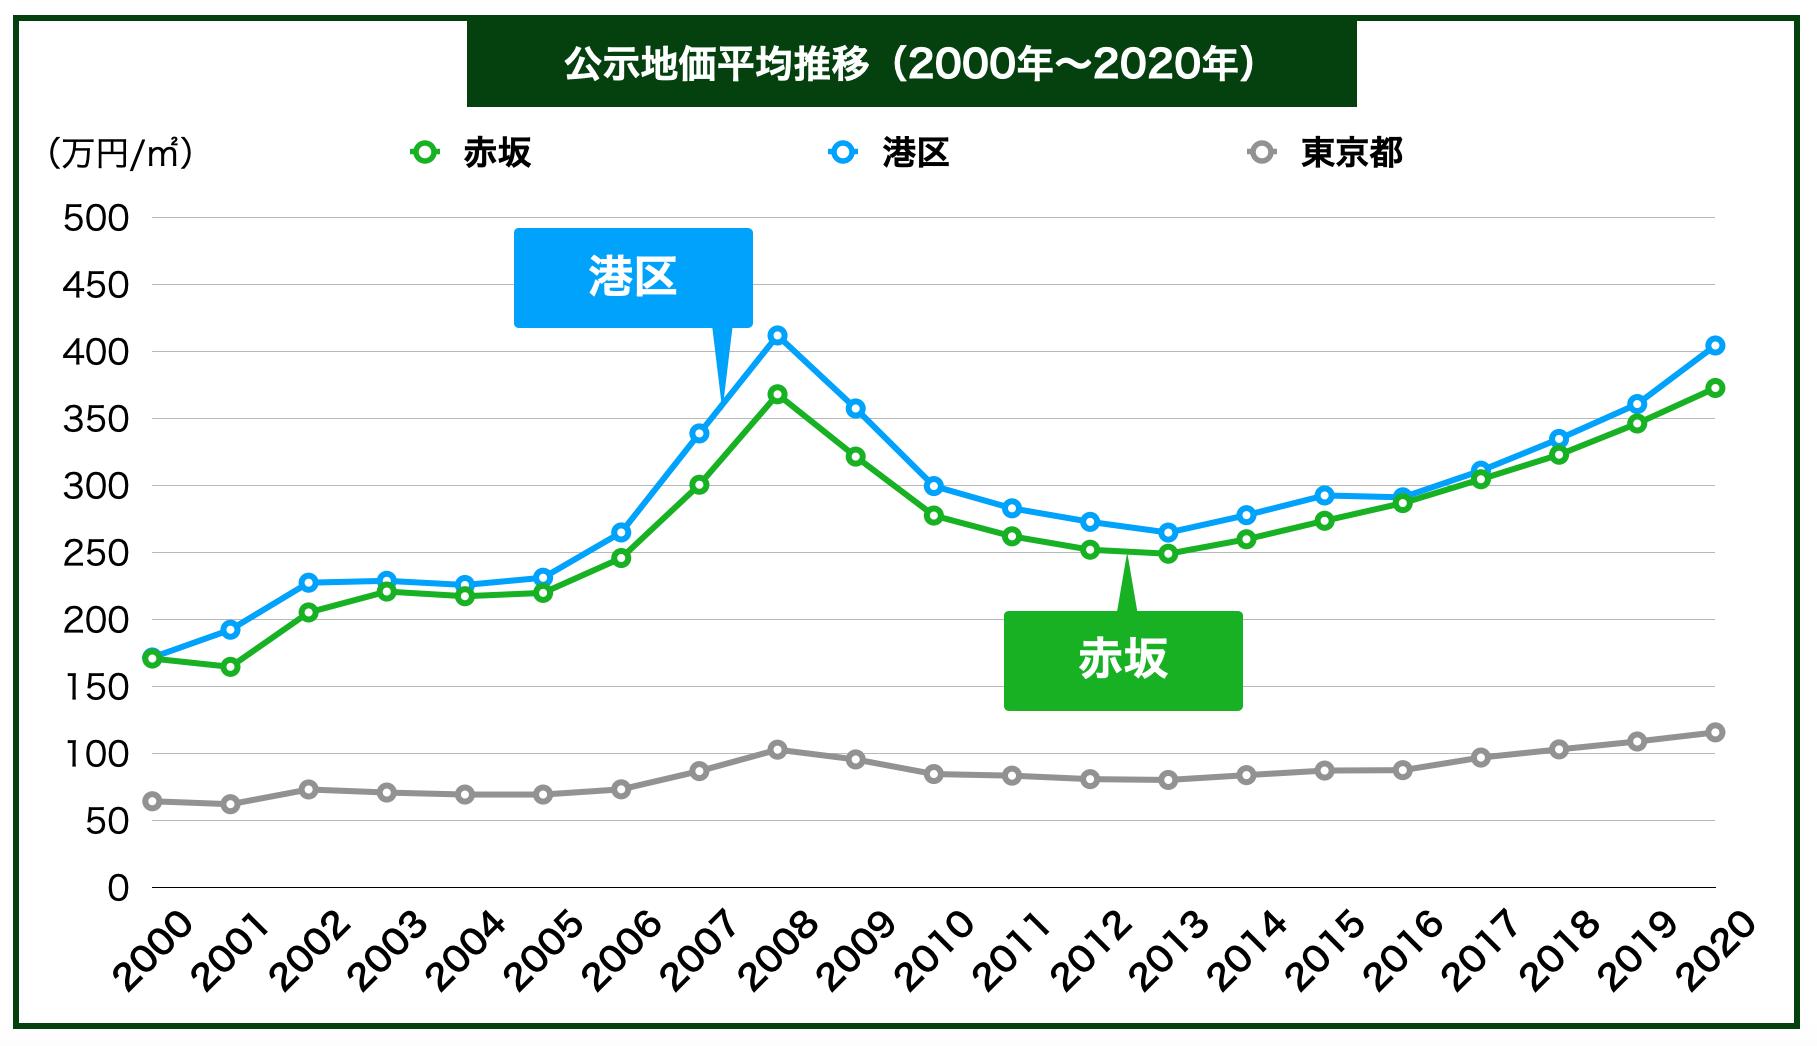 赤坂の公示地価の推移